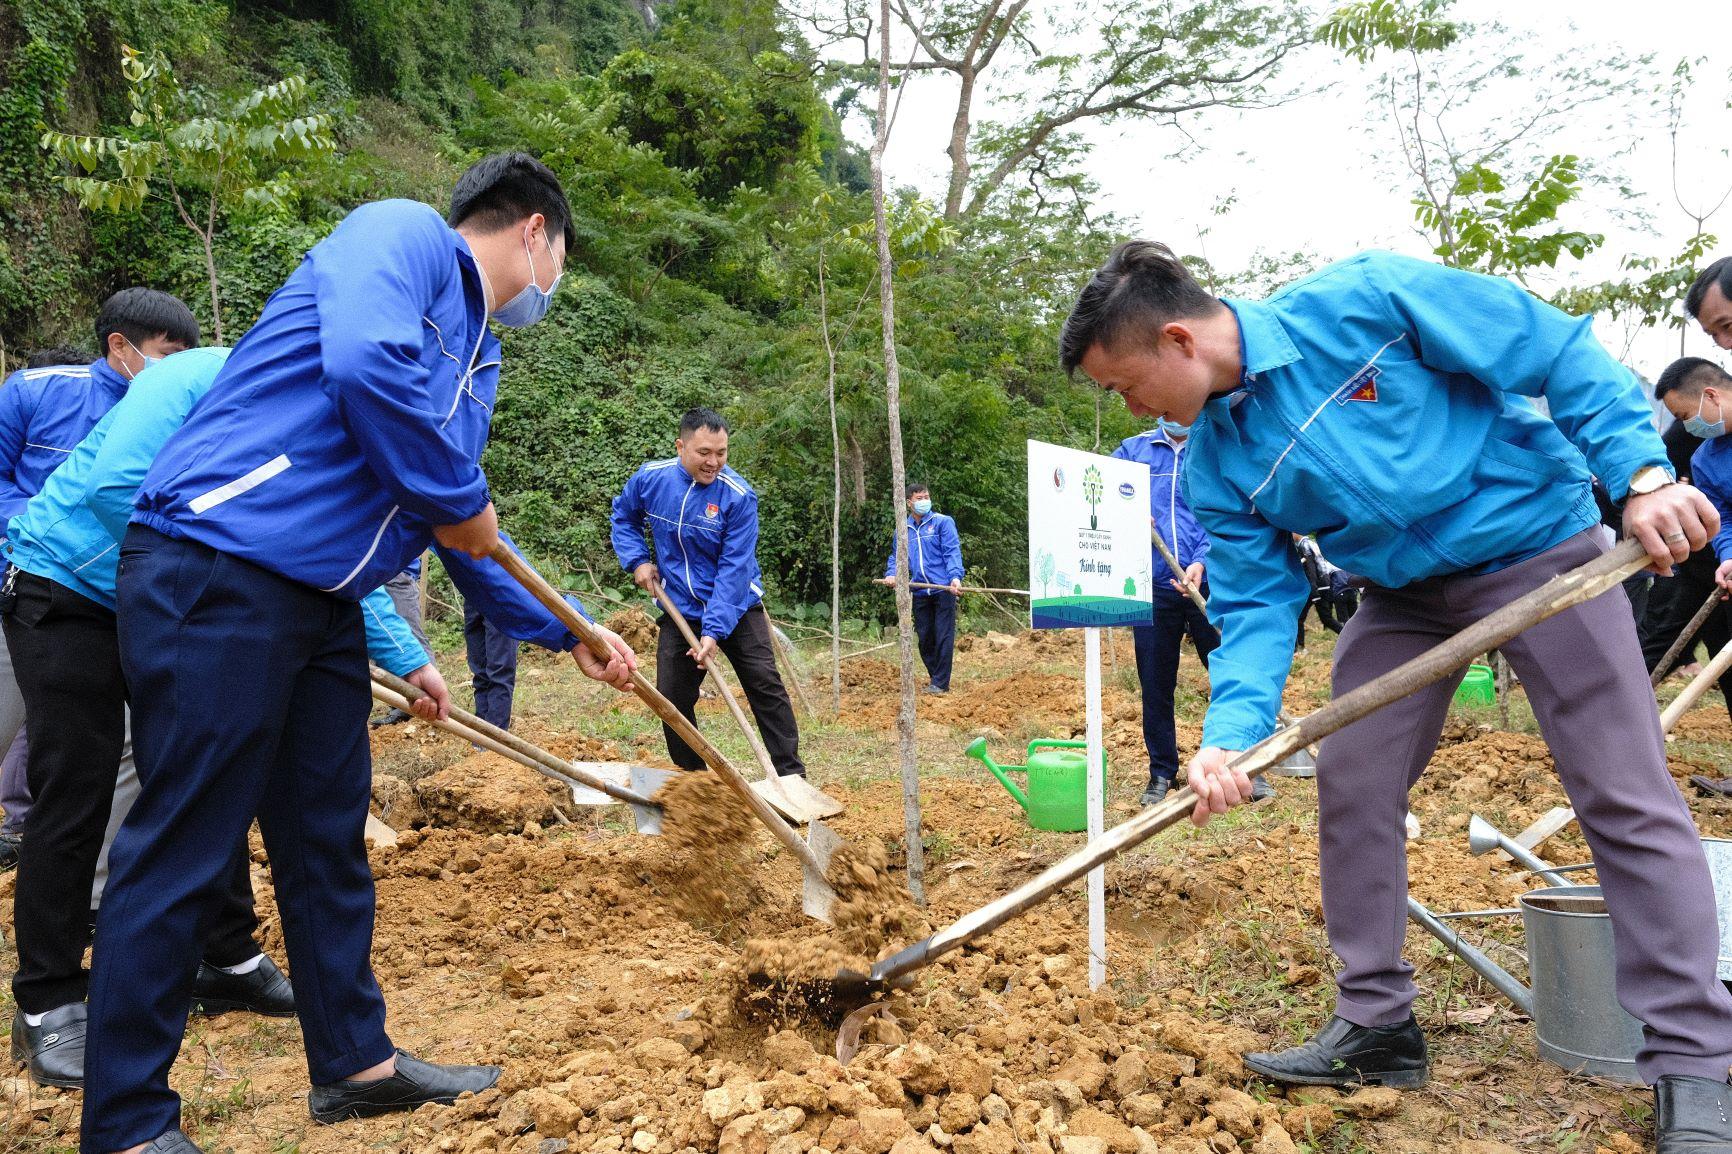 """Quỹ 1 triệu cây xanh cho Việt Nam của Vinamilk - Chương trình vì môi trường tạo được """"dấu ấn xanh"""" đặc biệt với cộng đồng 3"""